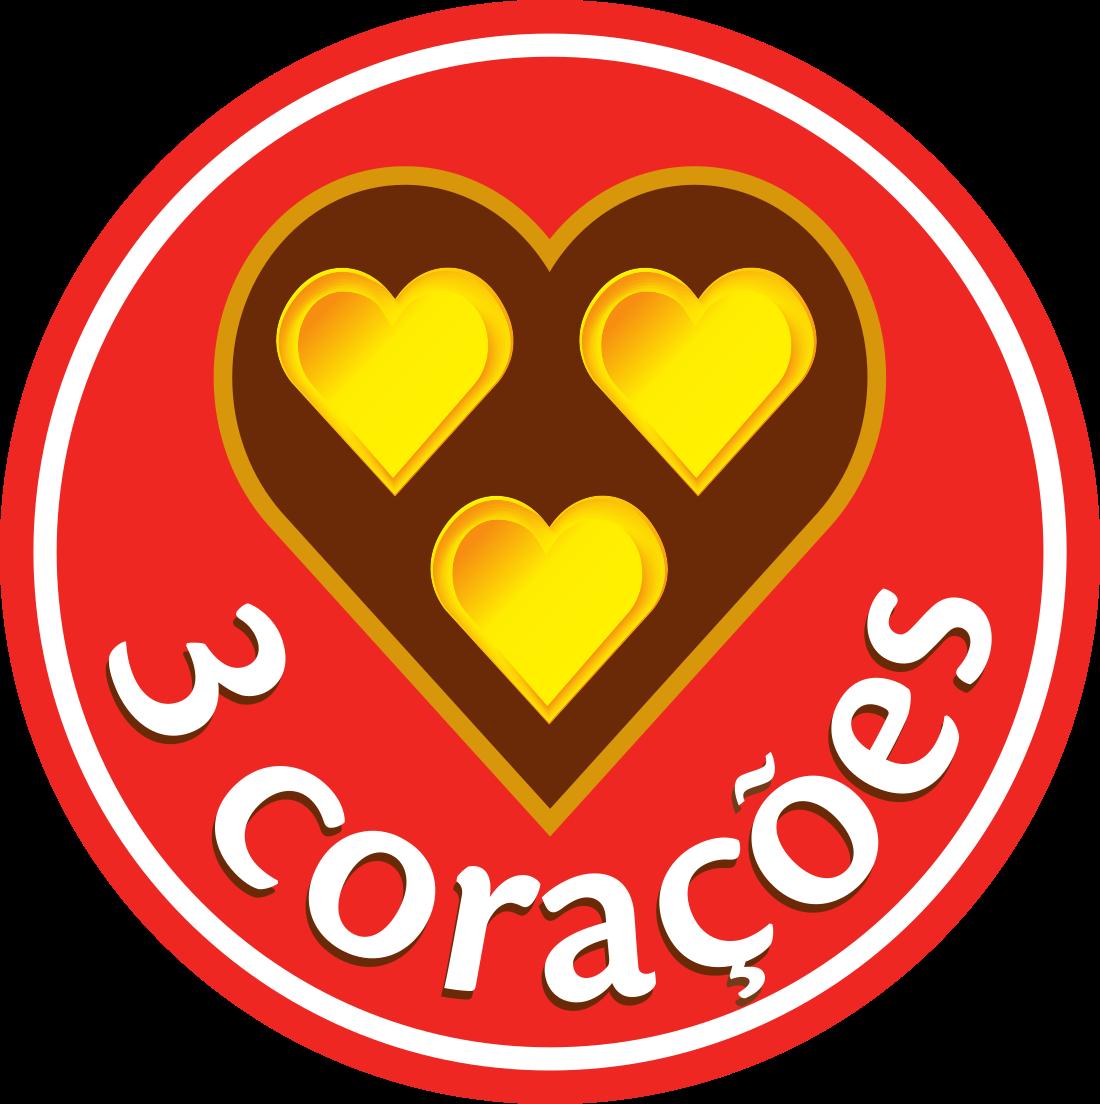 Café 3 Corações Logo.